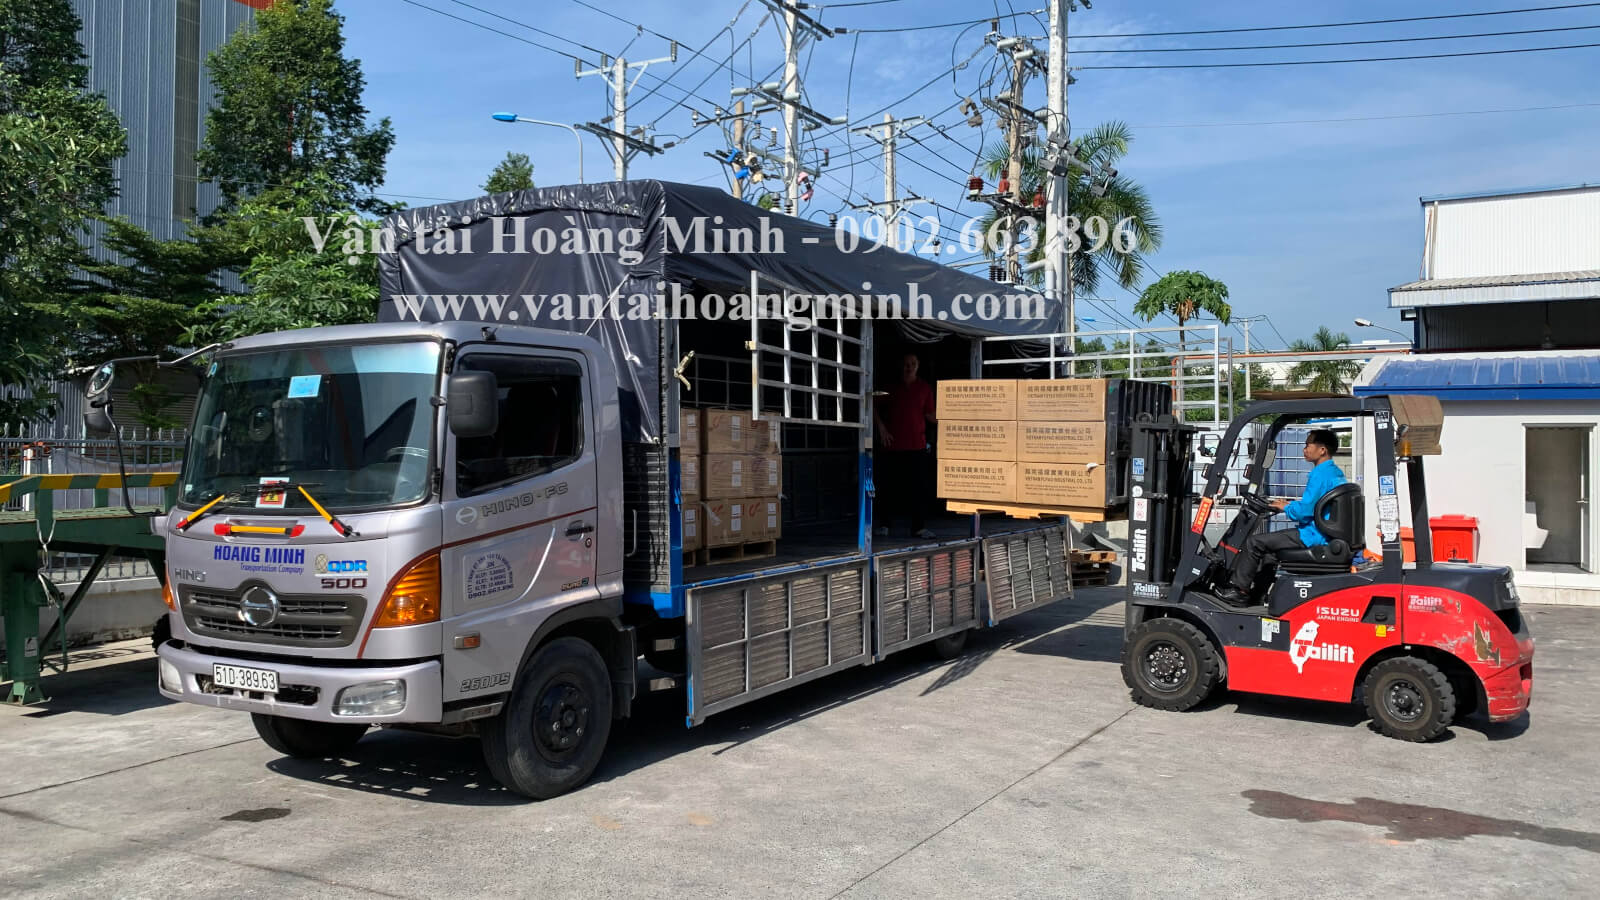 thuê xe tải chở hàng đi tỉnh giá tốt